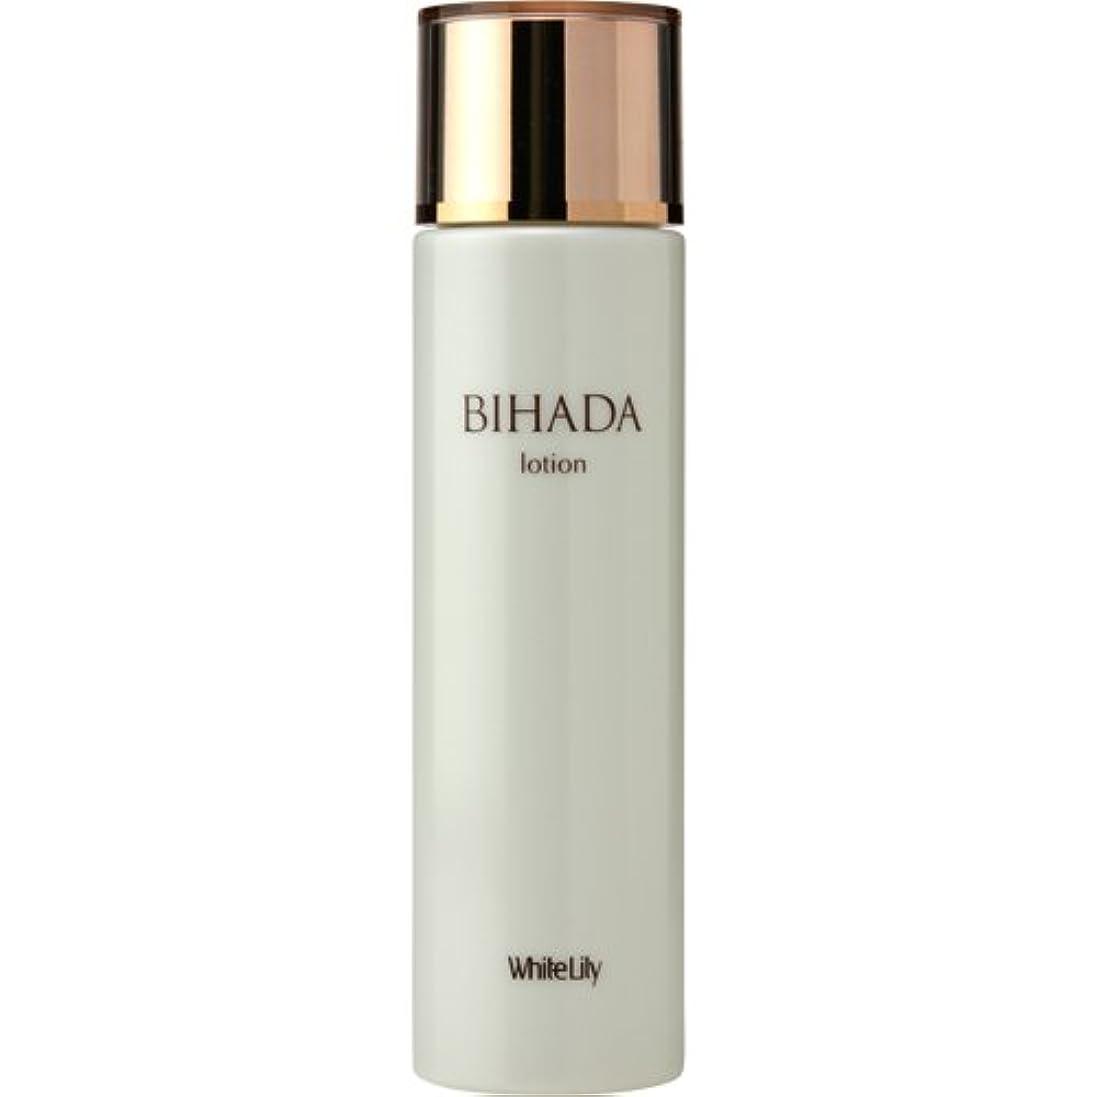 毎日レザー繊維ホワイトリリー BIHADAローション 155mL 化粧水